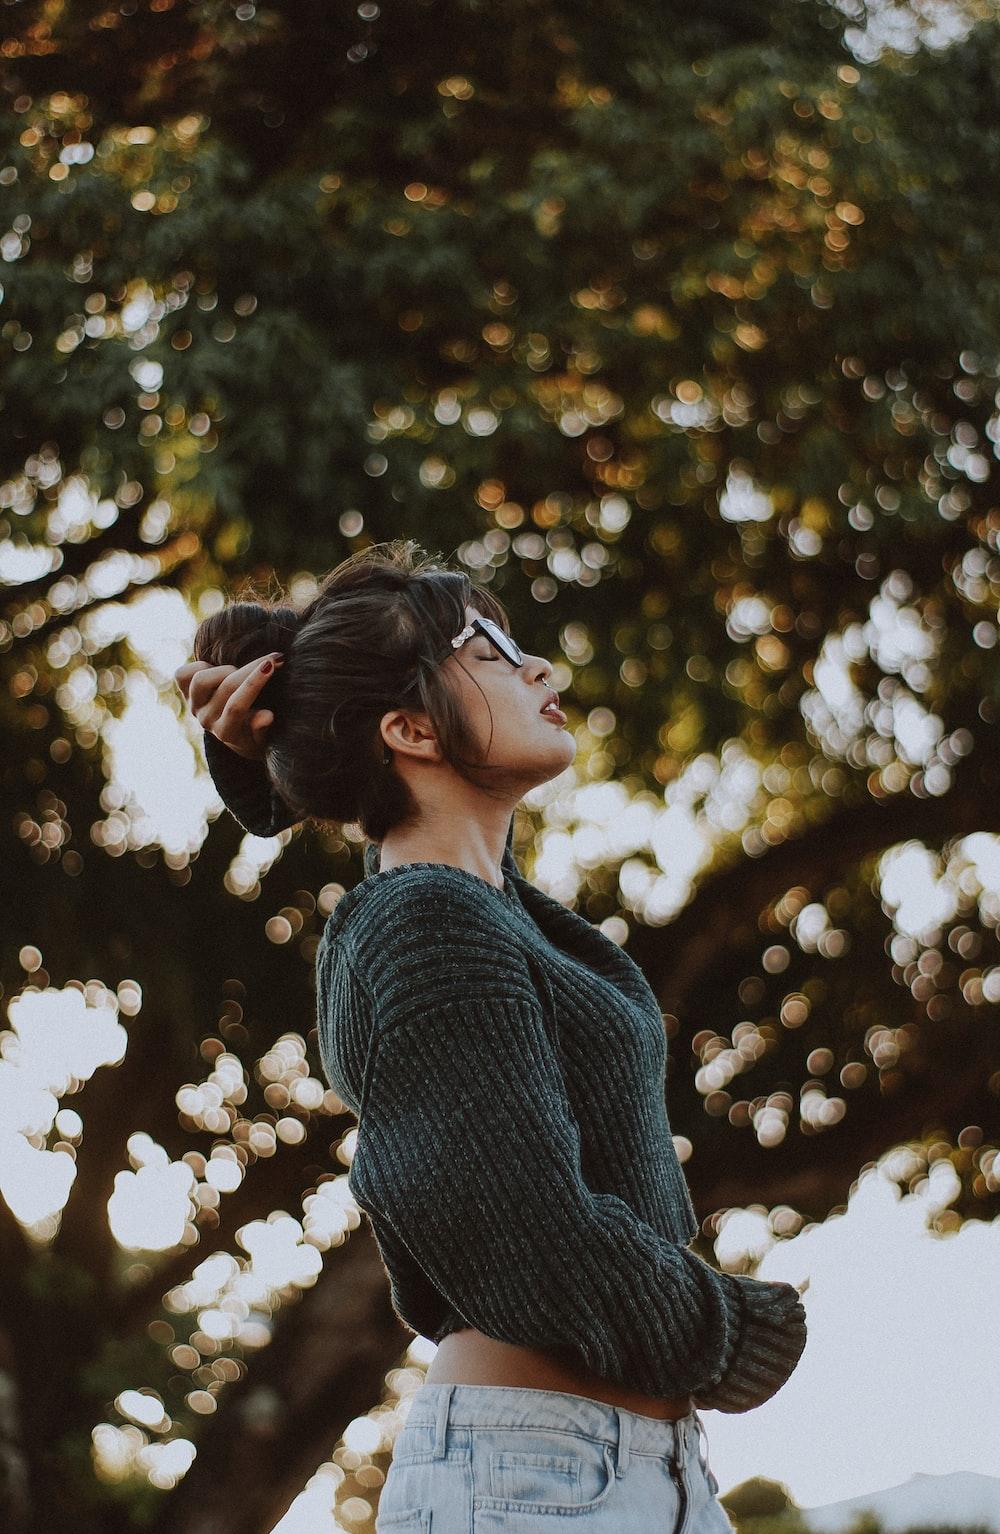 mujer vestida con suéter gris cerca de árbol